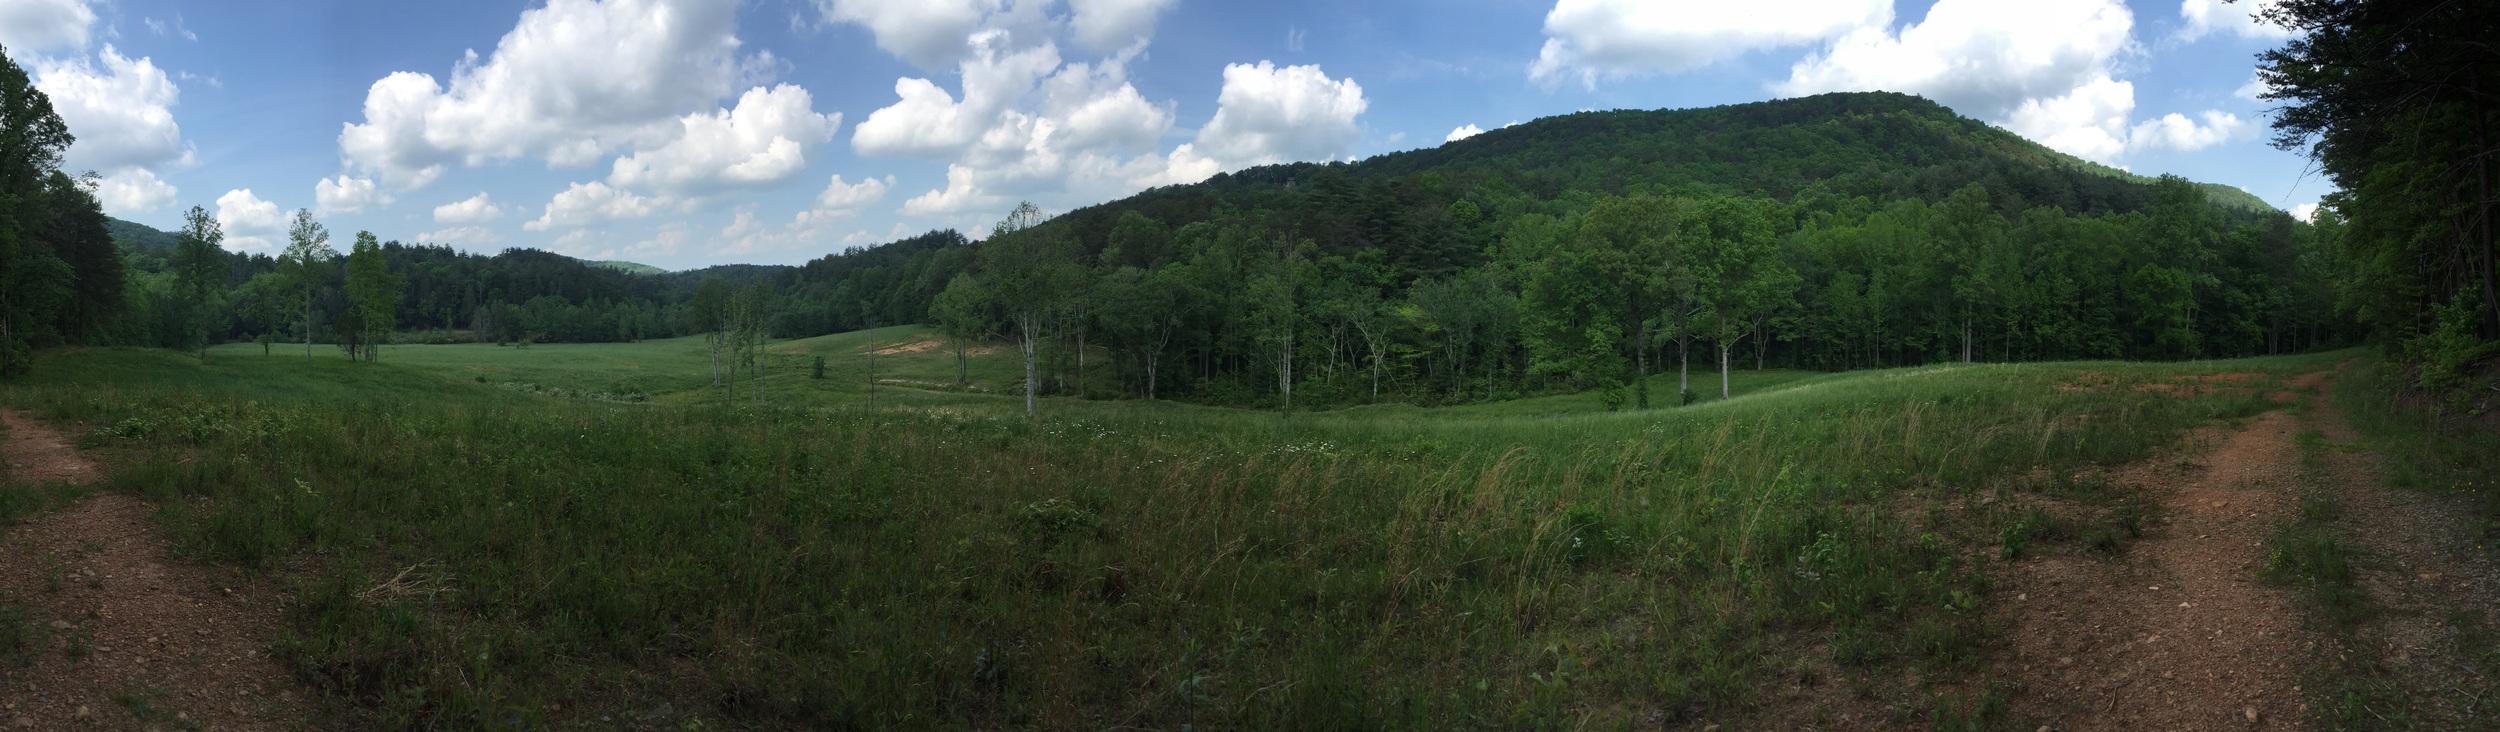 Georgia is gorgeous!